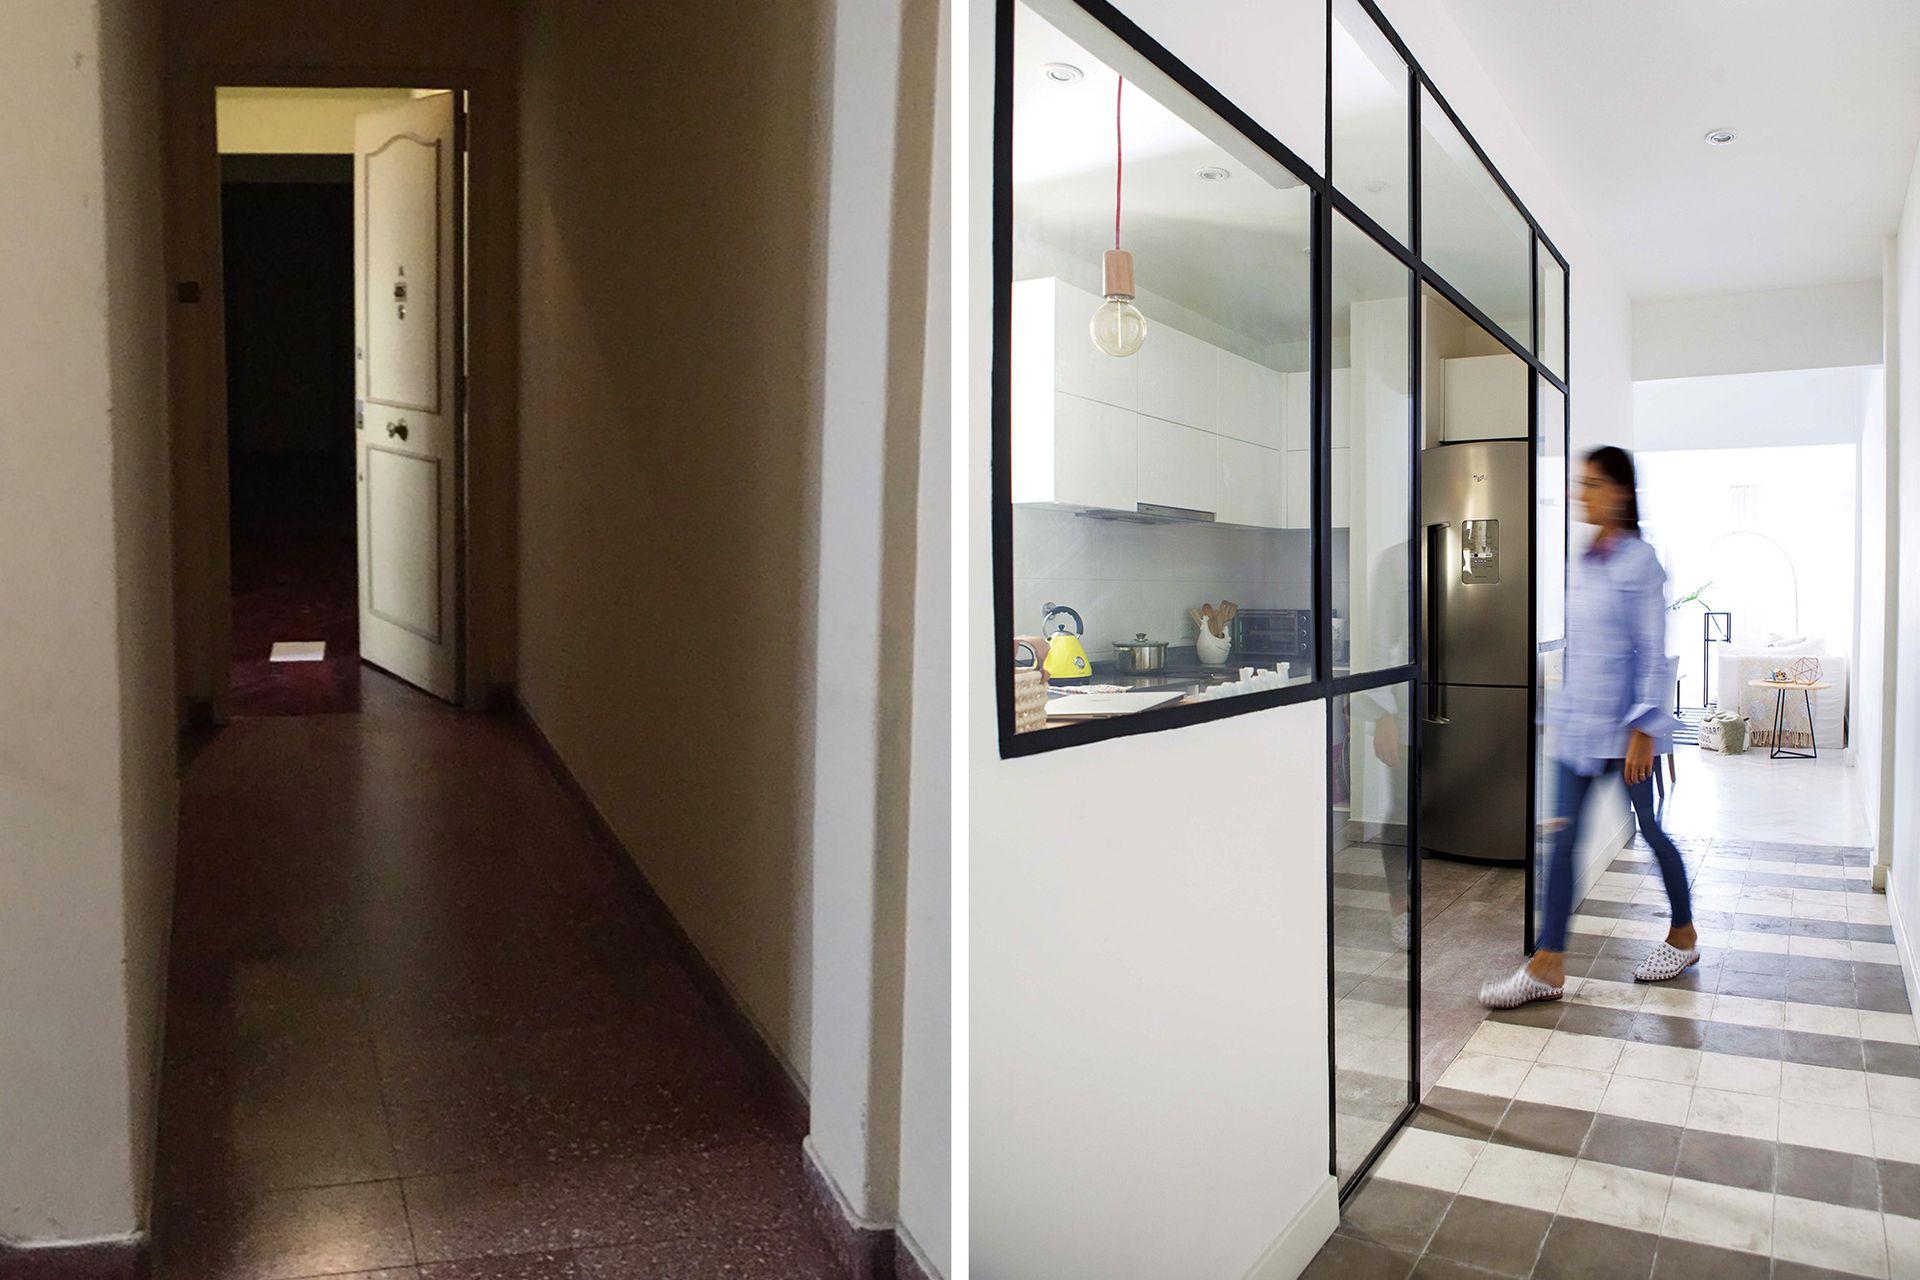 El largo pasillo de acceso corre en paralelo a la cocina (integrada por un cerramiento de vidrio repartido) y desemboca en el comedor.